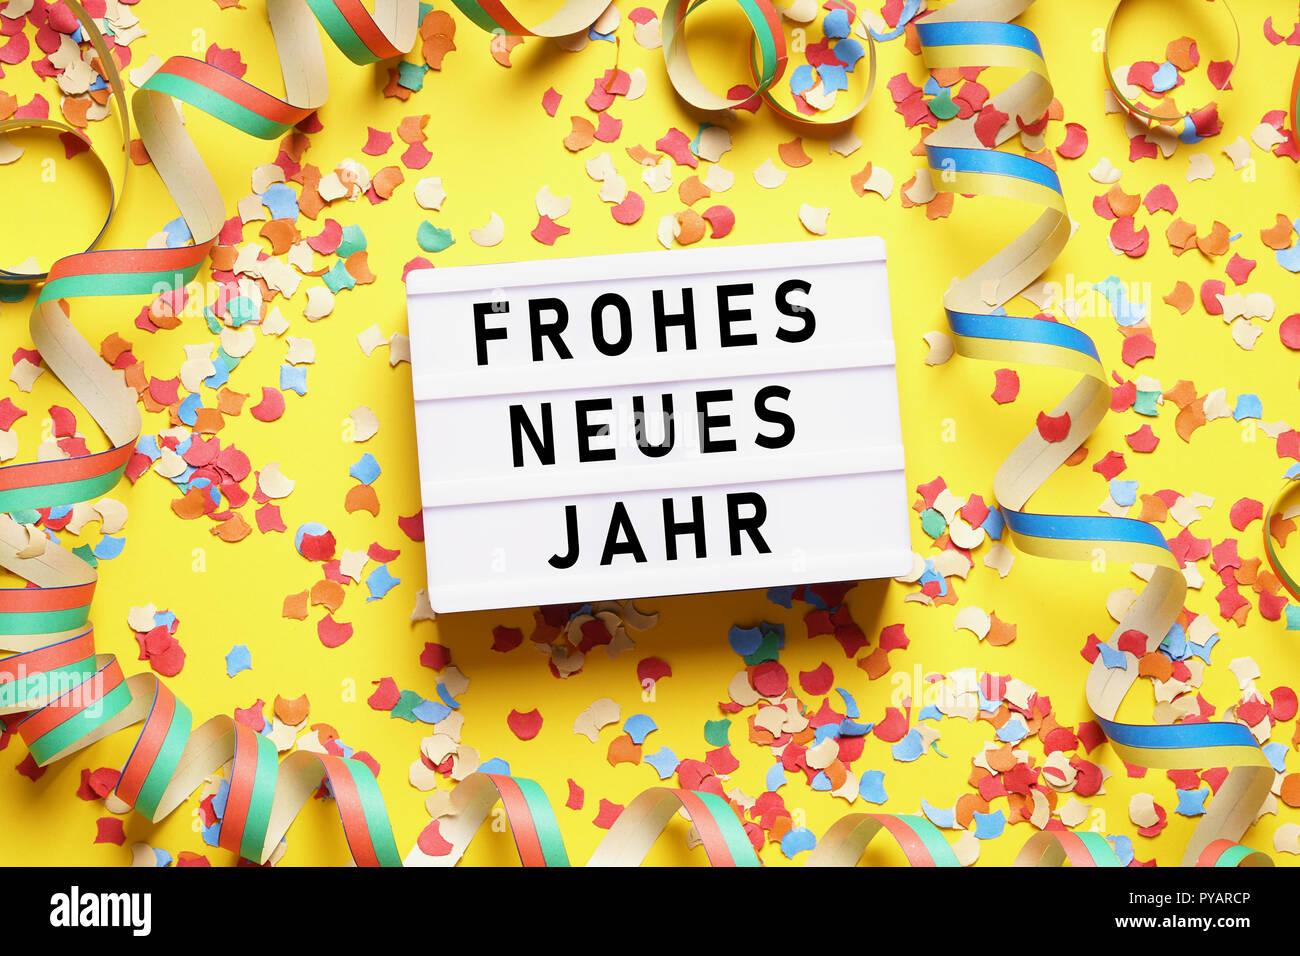 Frohes Neues Jahr Auf Deutsch Stockfotos & Frohes Neues Jahr Auf ...